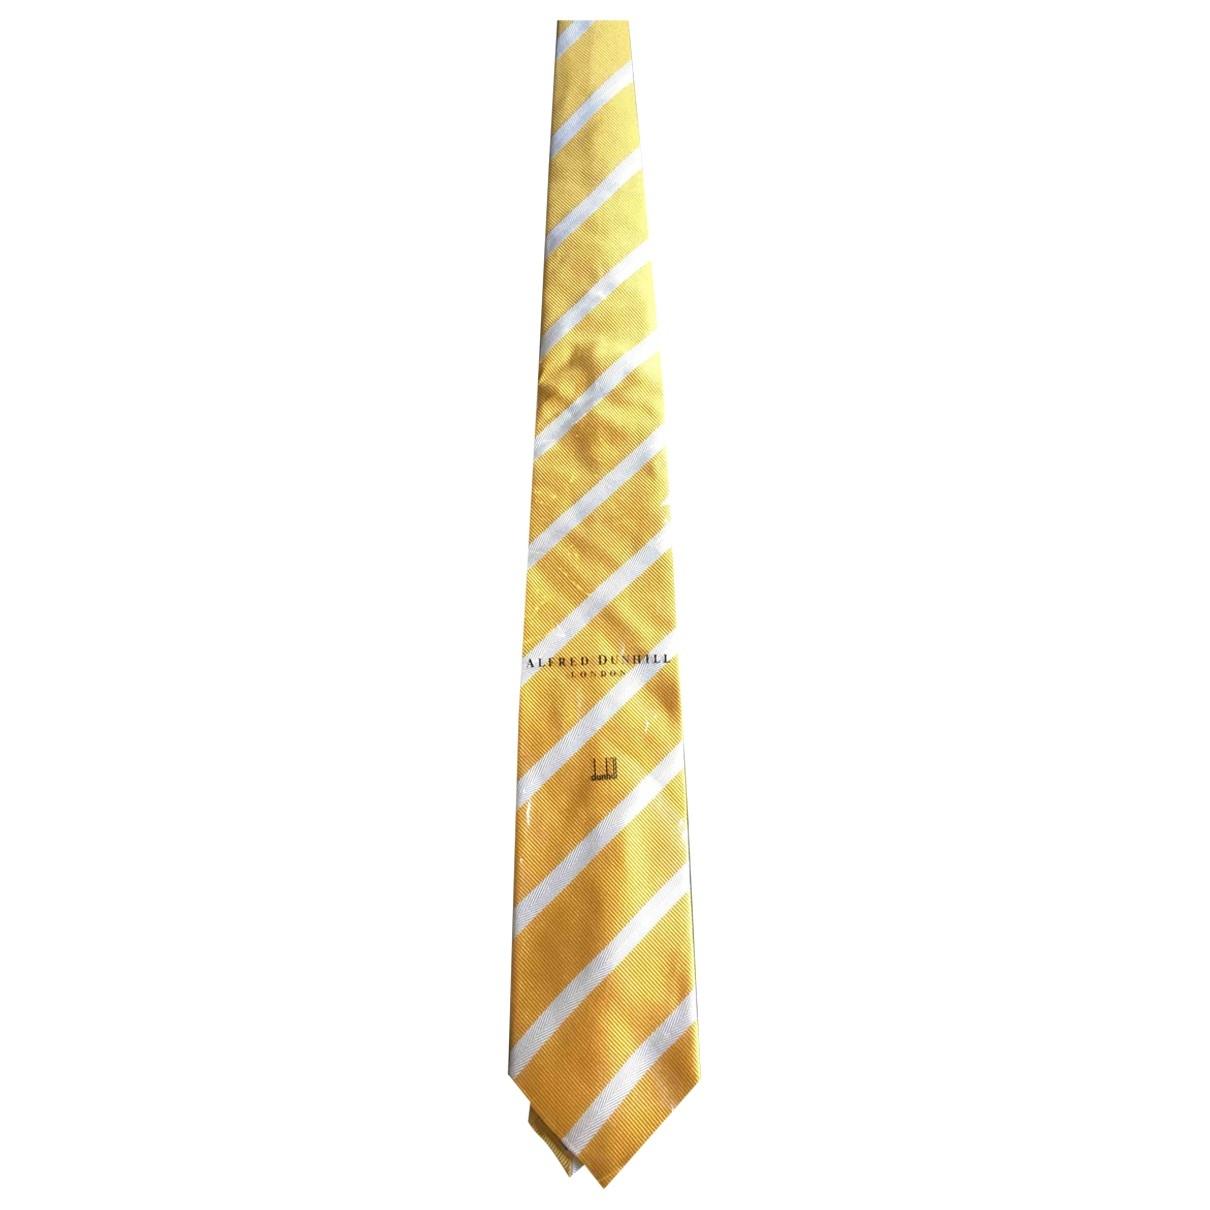 Alfred Dunhill - Cravates   pour homme en soie